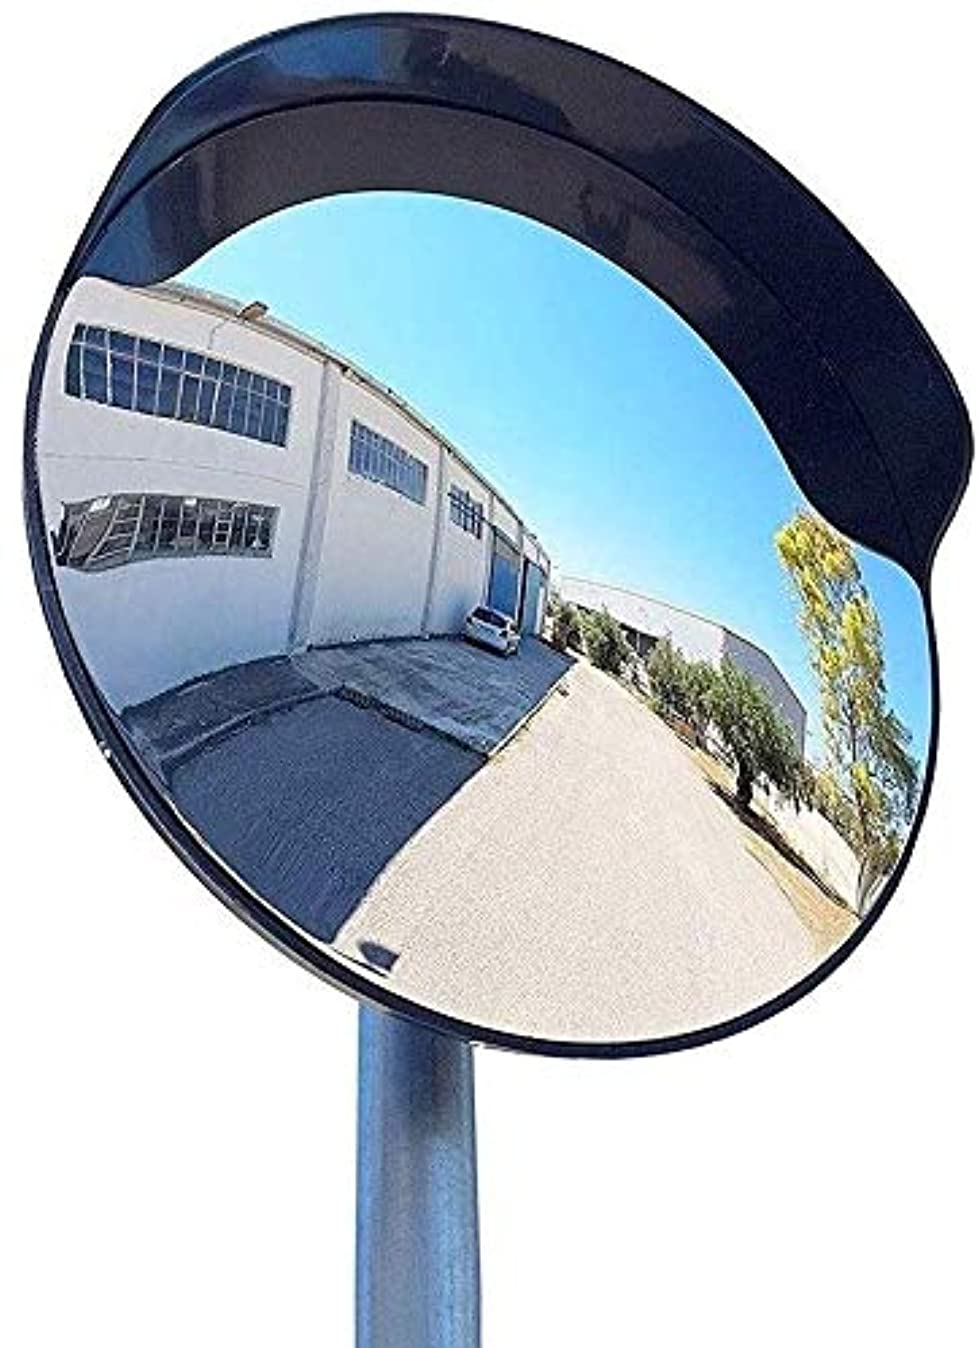 合体プレゼンテーション浴工場の交通安全ミラー、ブラック変形していない凸面ミラー屋外設置が簡単ブラインドスポットミラーサイズ:30-60CM(色:ブラック、サイズ:45CM)